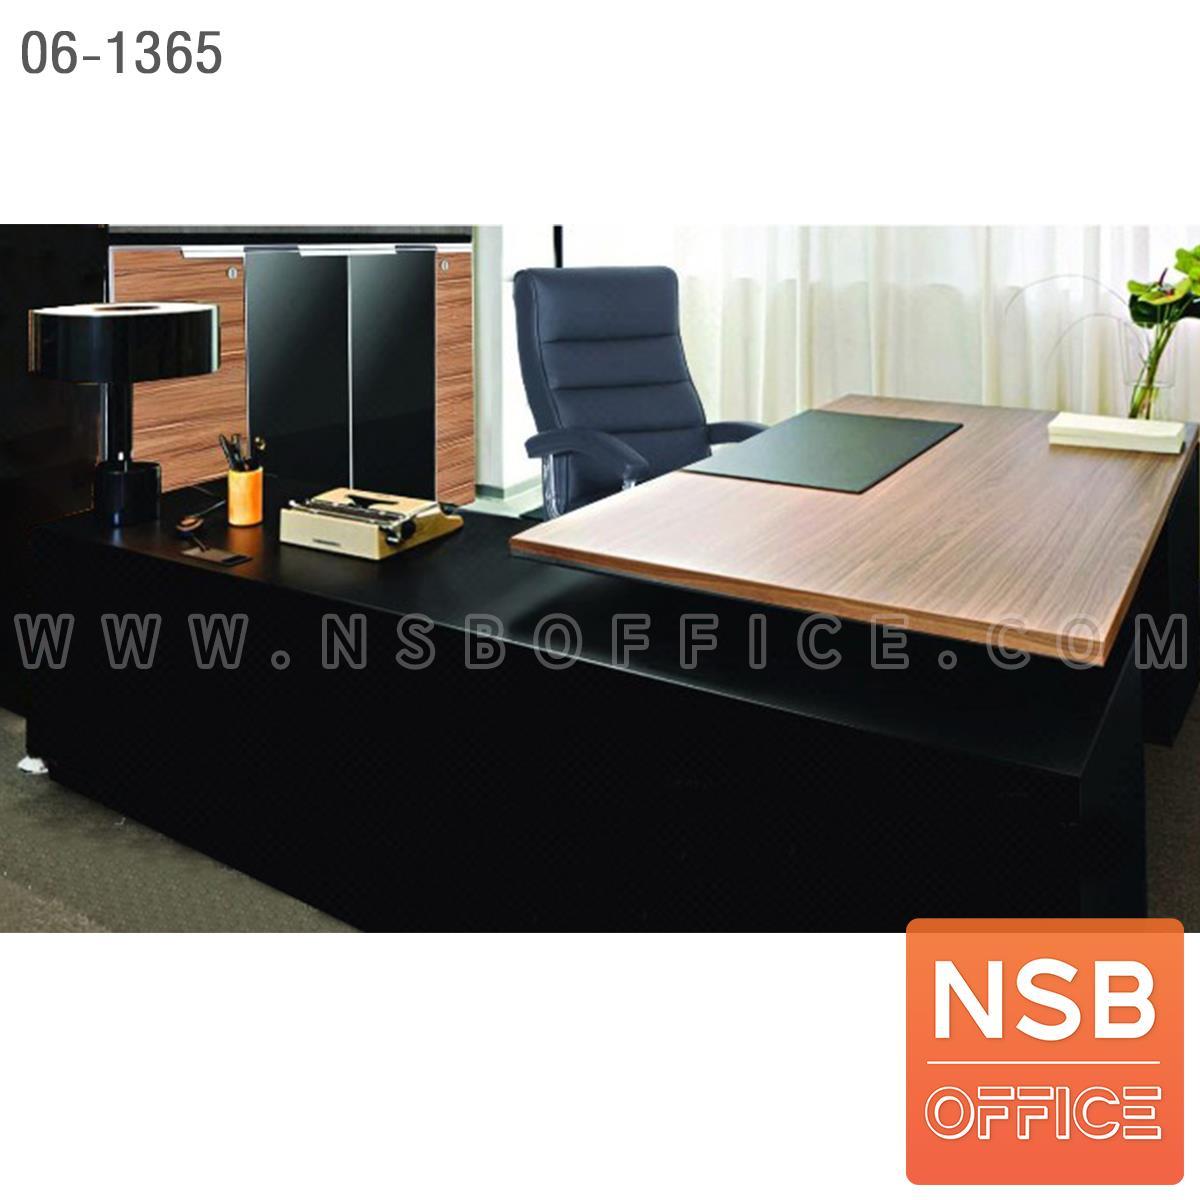 SETA005:เซ็ตโต๊ะทำงานตัวแอล สีวอลนัท-ดำ รุ่น Blackwalnut (แบล็ควอลนัท)  พร้อมตู้เก็บเอกสาร เก้าอี้ (รวม 4 ชิ้น)